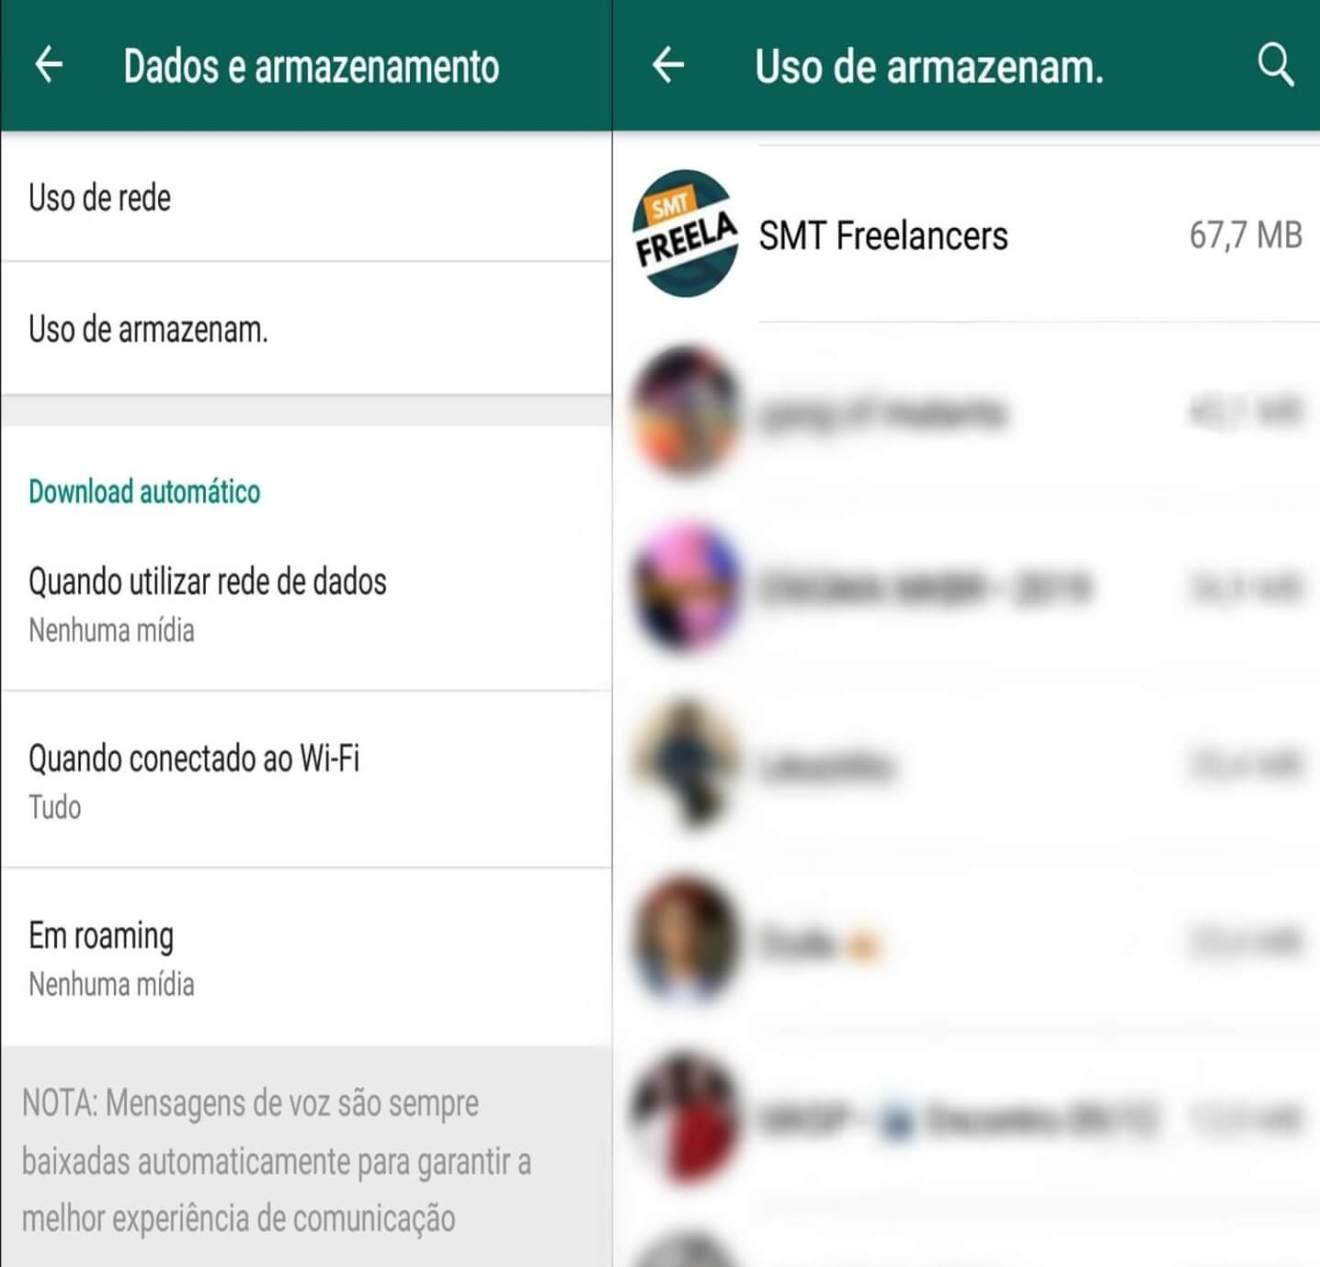 Tela explicativa de como saber quais grupos do WhatsApp possuem mais arquivos